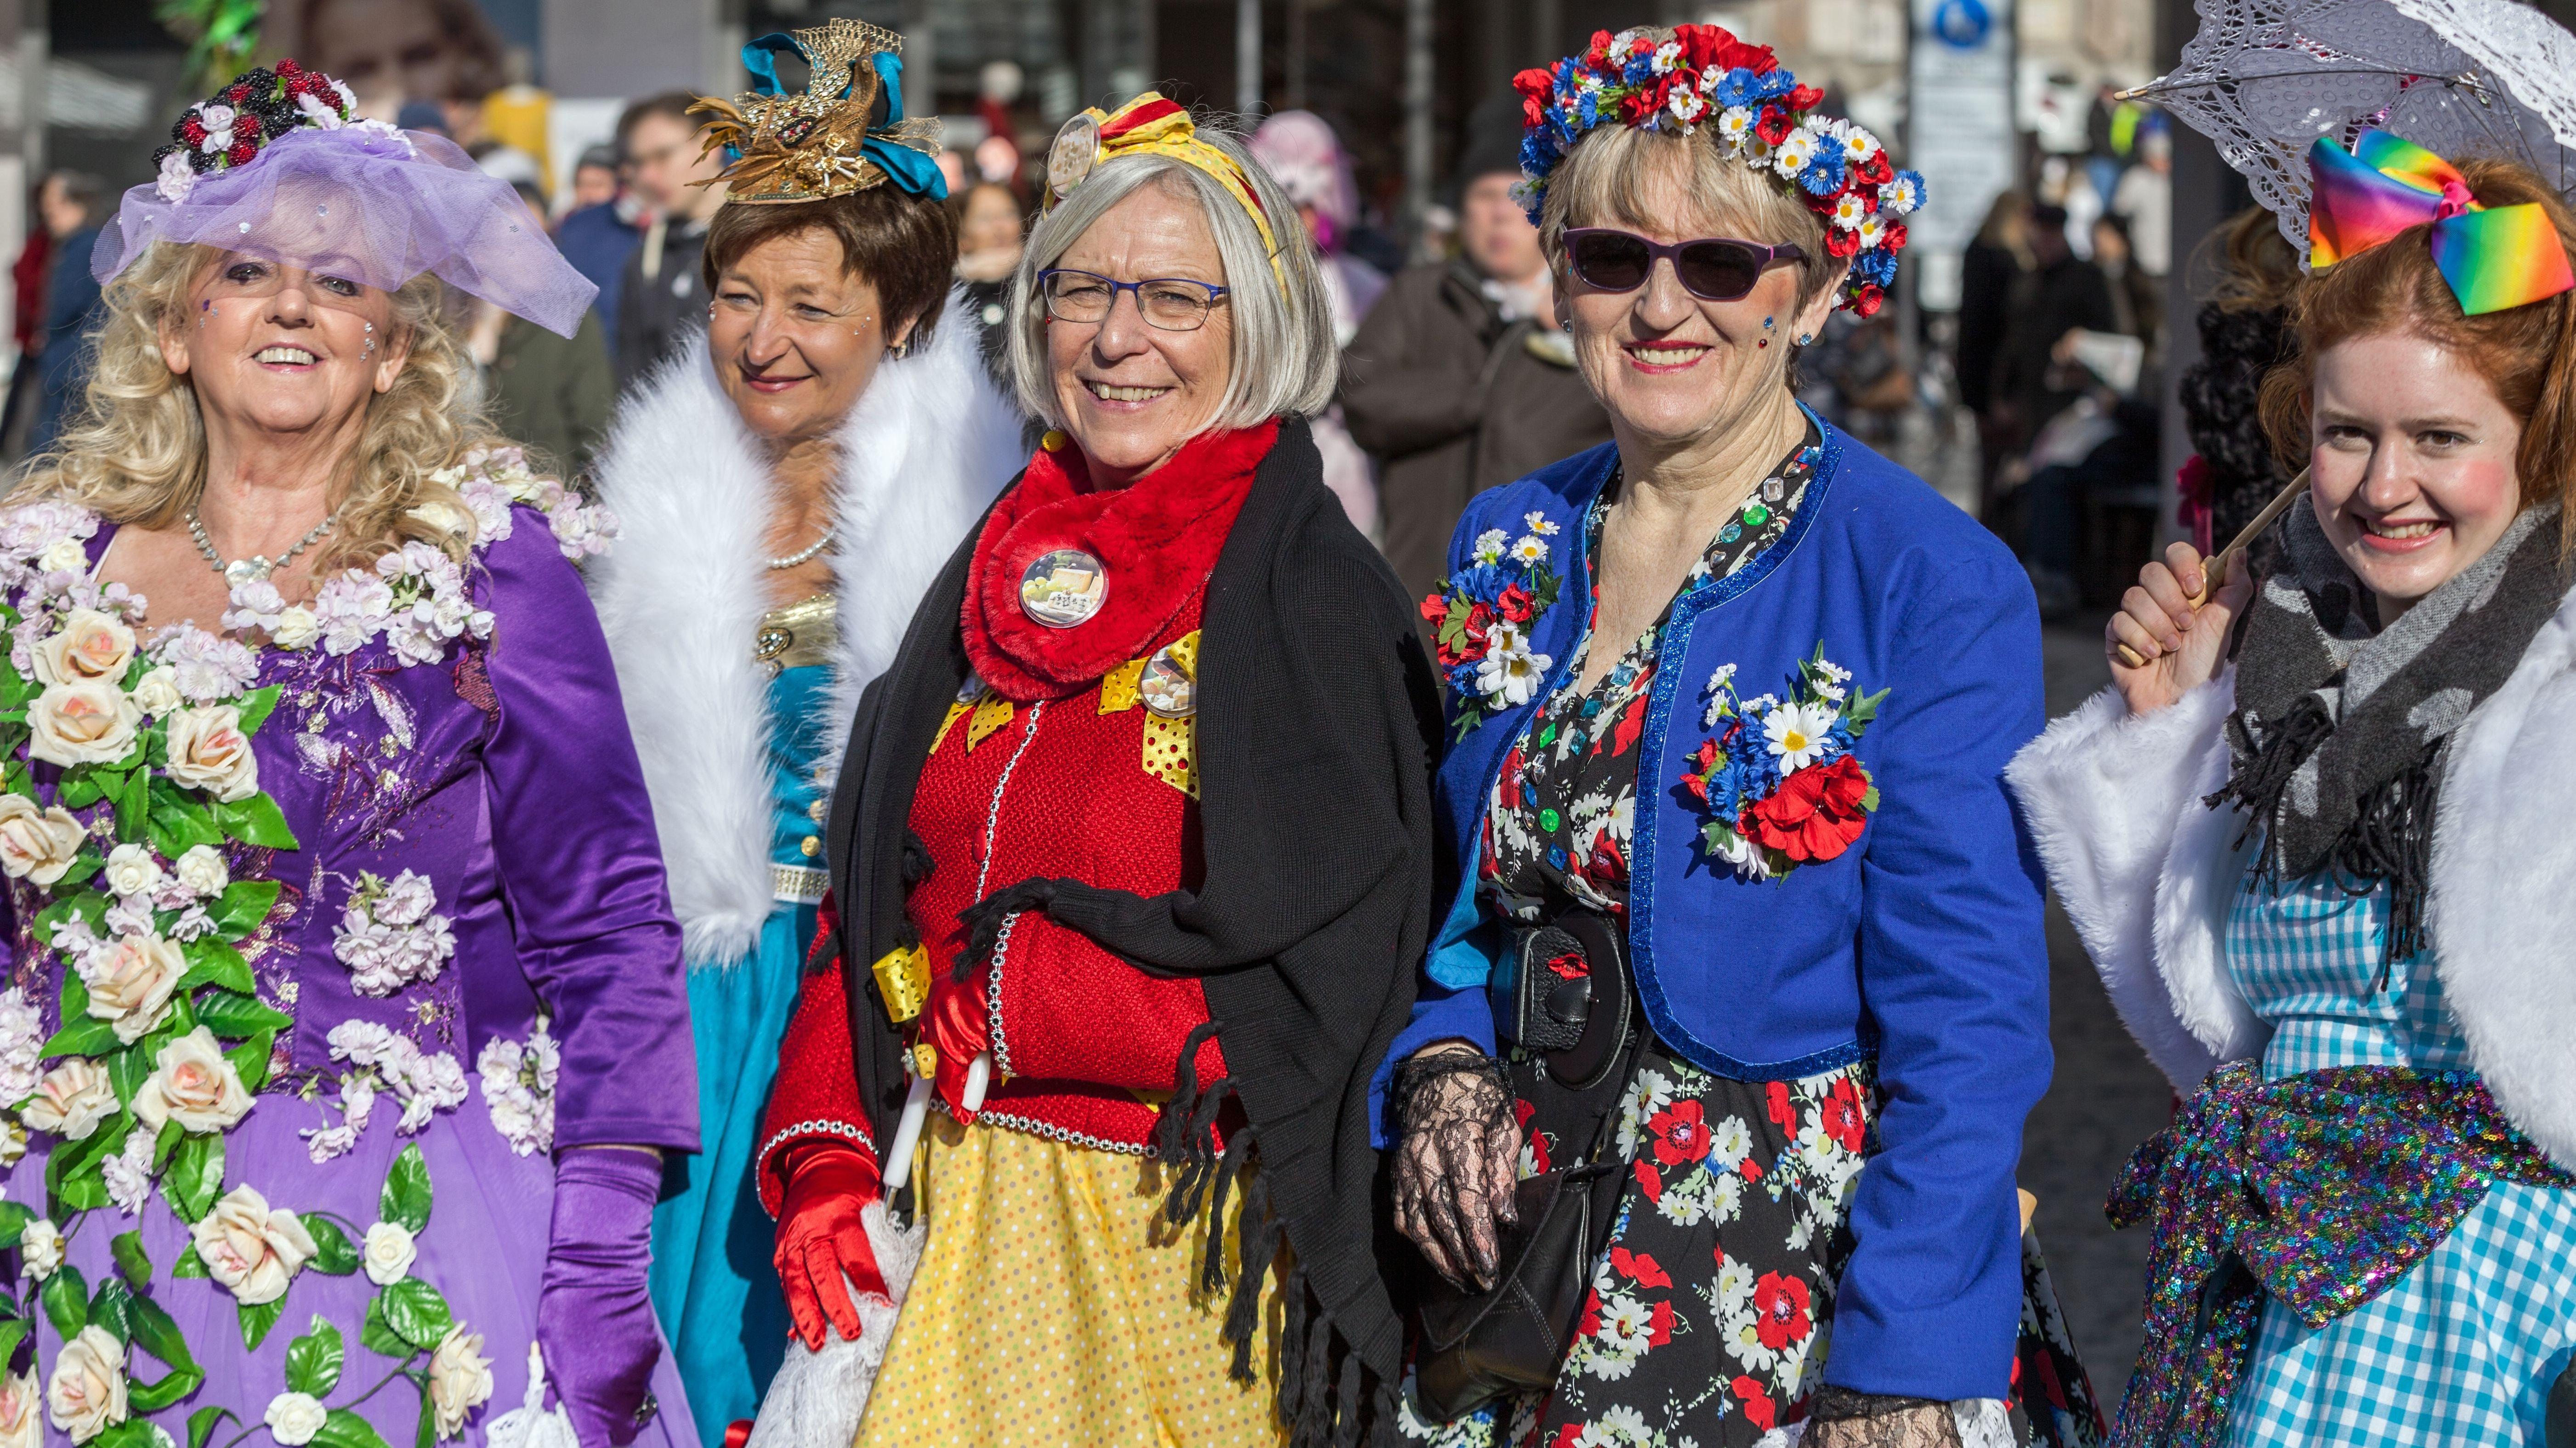 Das Bild zeigt bunt kostümierte Frauen im Fasching.